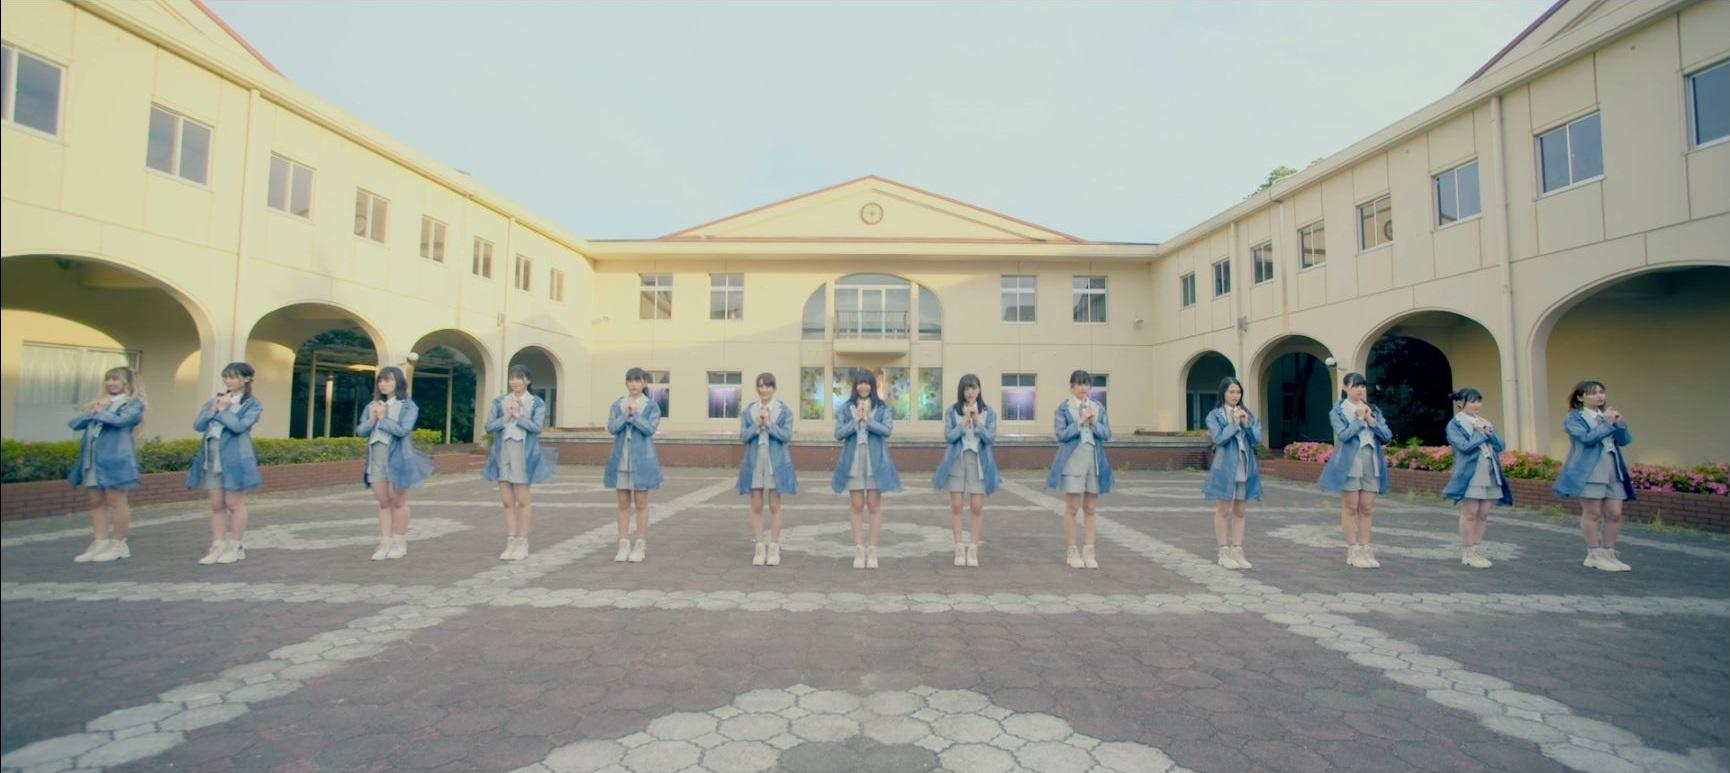 部 アイドル 青春 高校